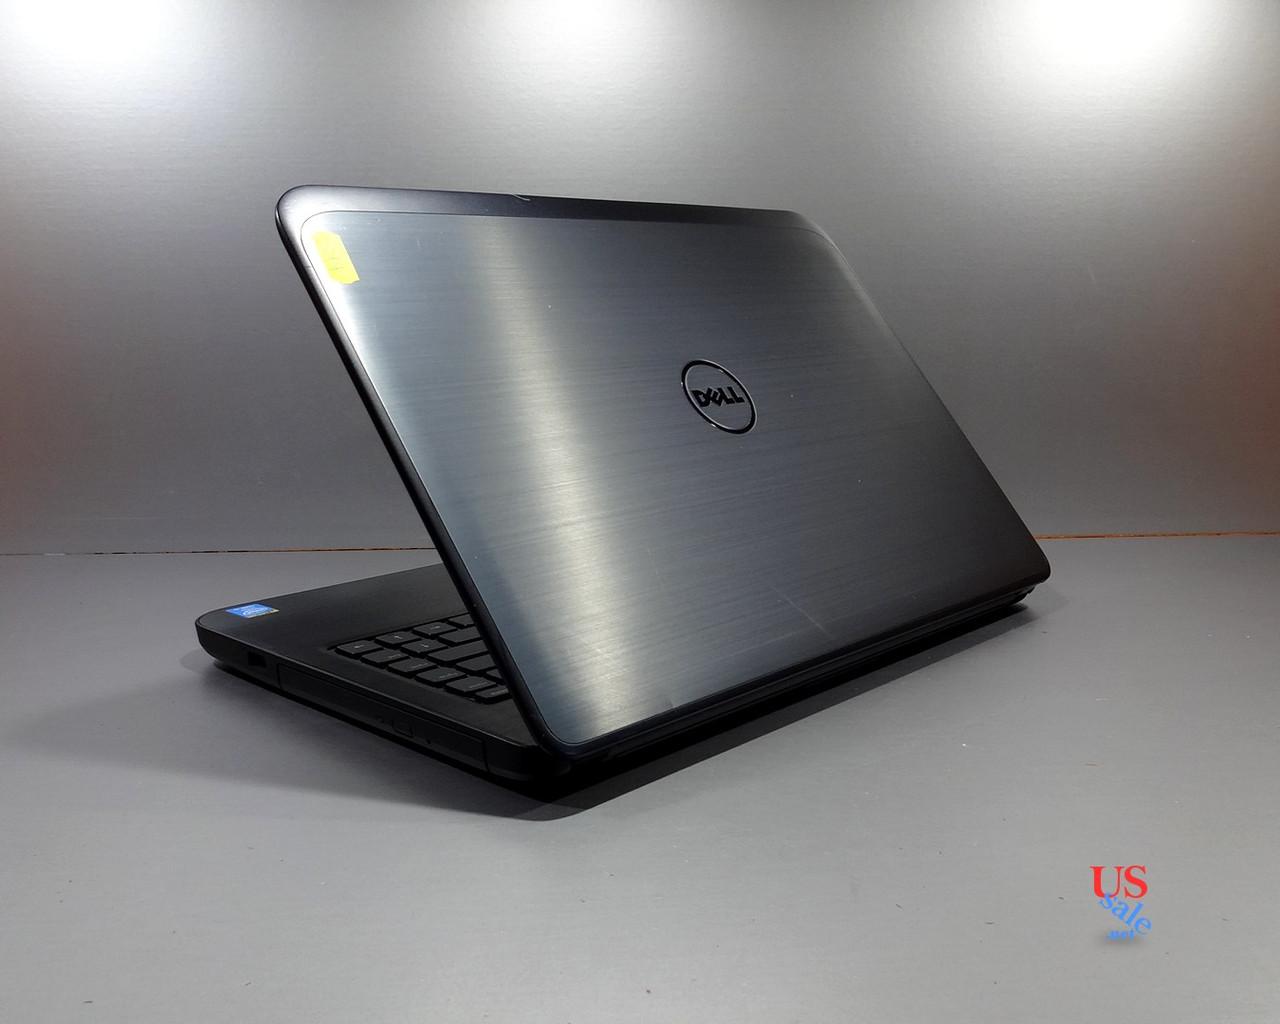 Ноутбук Dell Latitude 3440 14″, Intel Core i5-4210u 1.7Ghz, 8Gb DDR3, 1Tb. Гарантия!